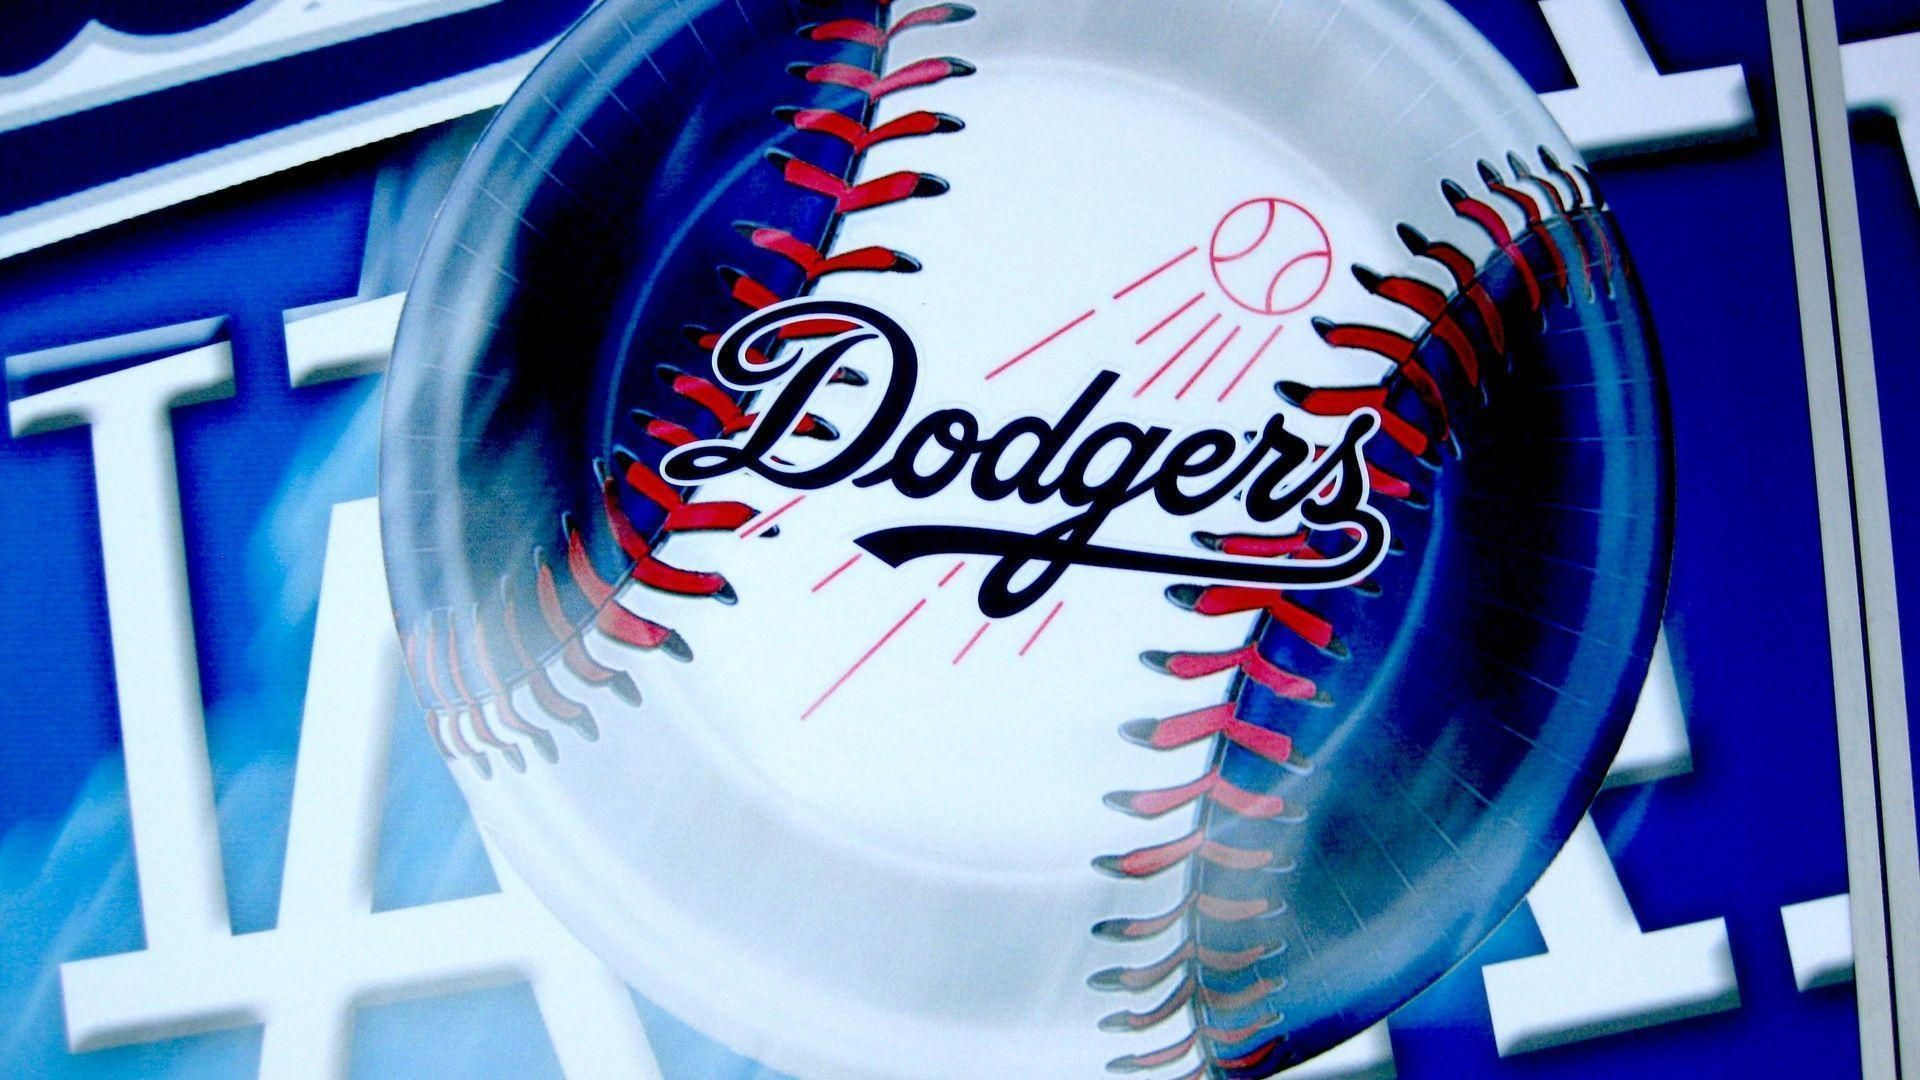 Dodgers Nice Wallpaper